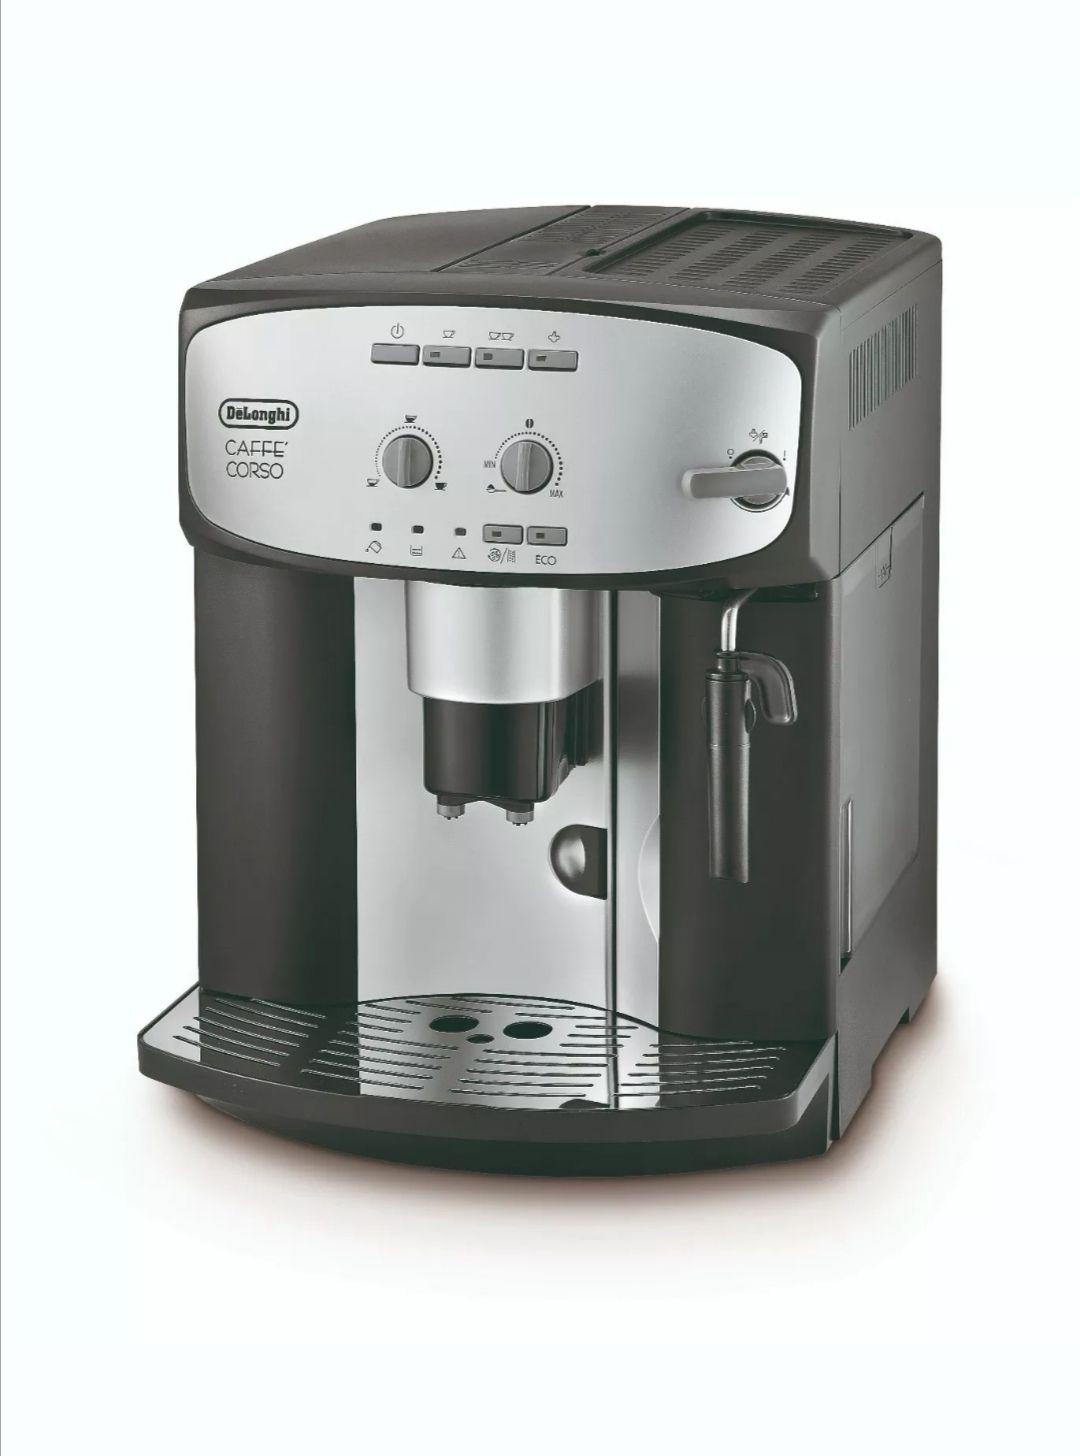 Refurbished De'Longhi Cafe Corso ESAM2800 Bean to Cup Coffee Machine £179.99 @ delonghi / eBay